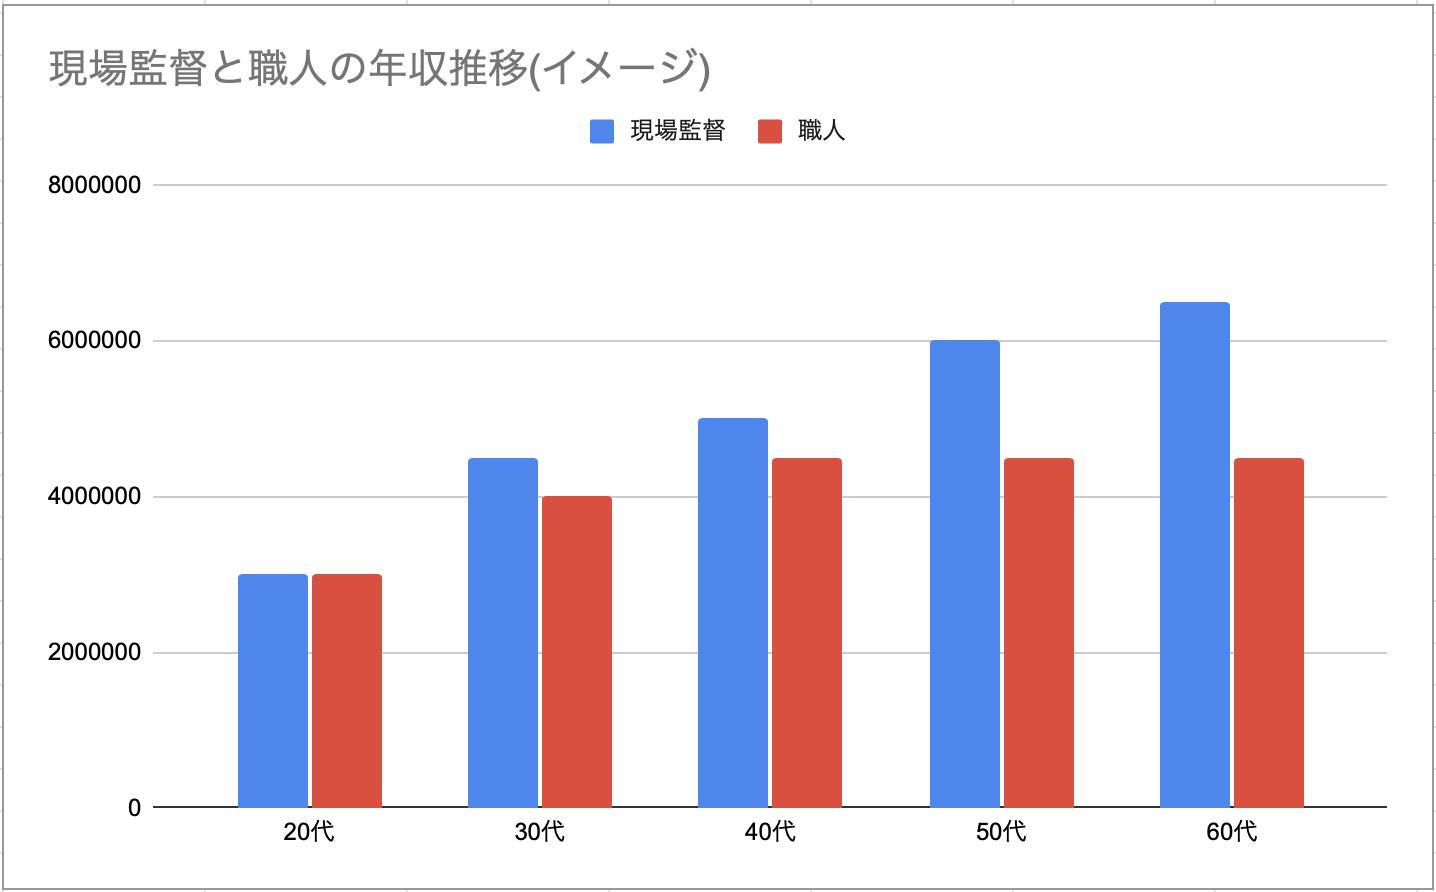 現場監督と職人の年収推移のイメージ